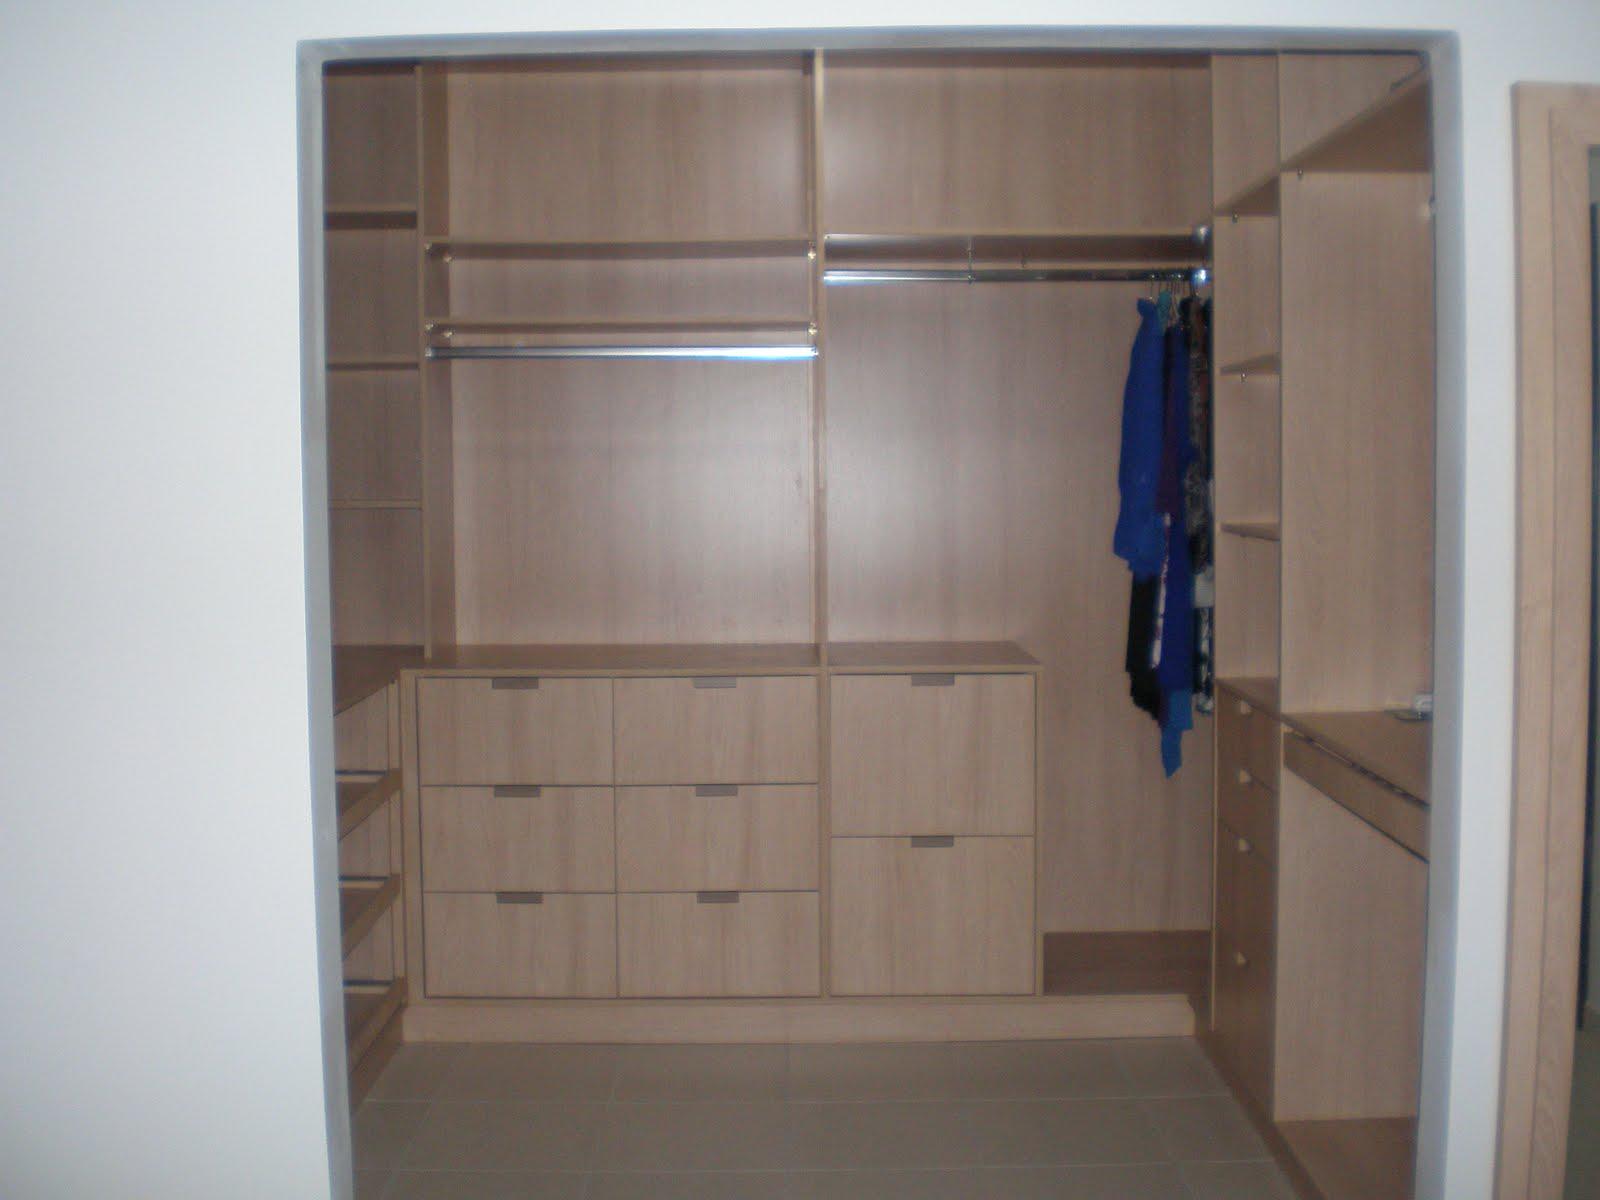 Essas são as fotos do closet pronto mais a baixo tem as imagens das  #2B3659 1600x1200 Banheiro Completo Autocad